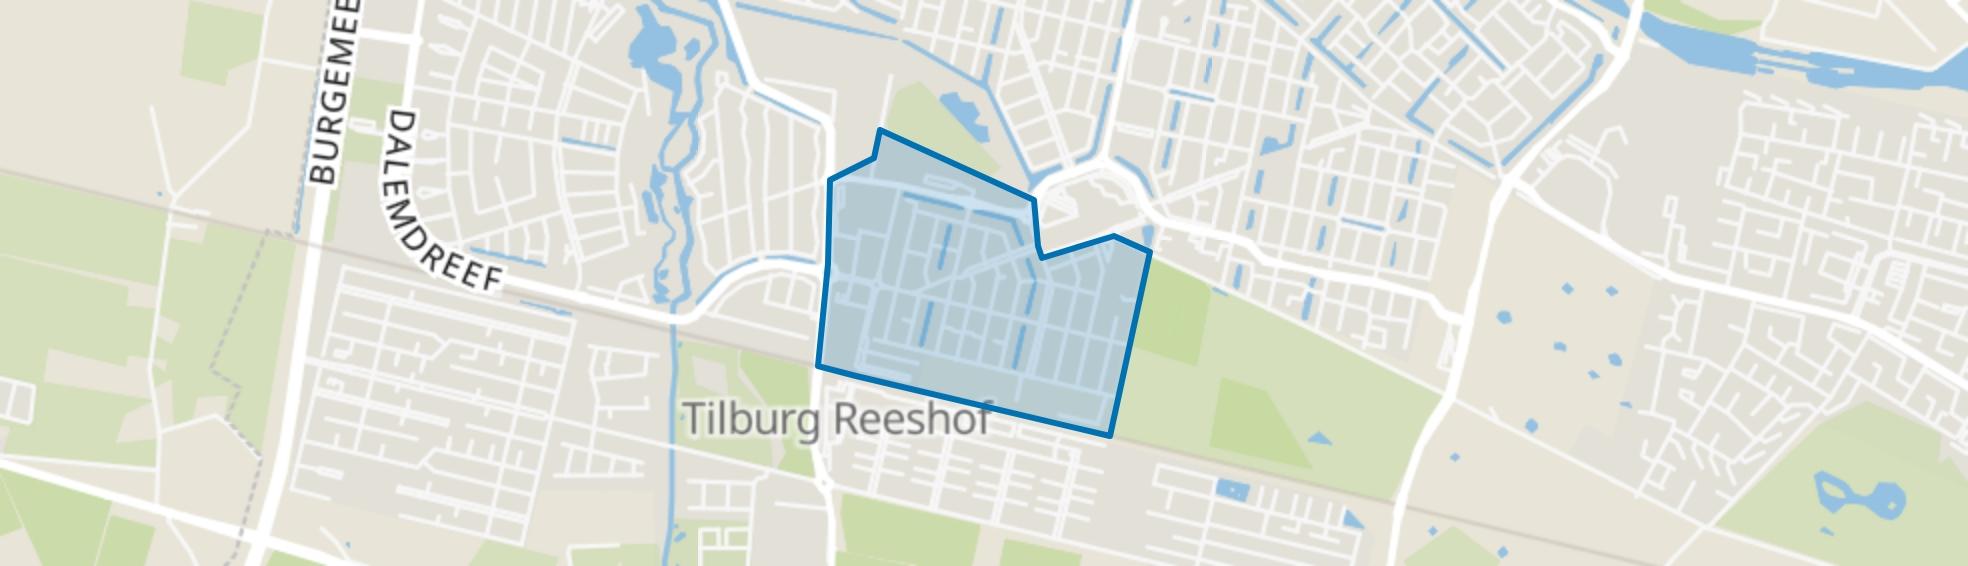 Campenhoef, Tilburg map